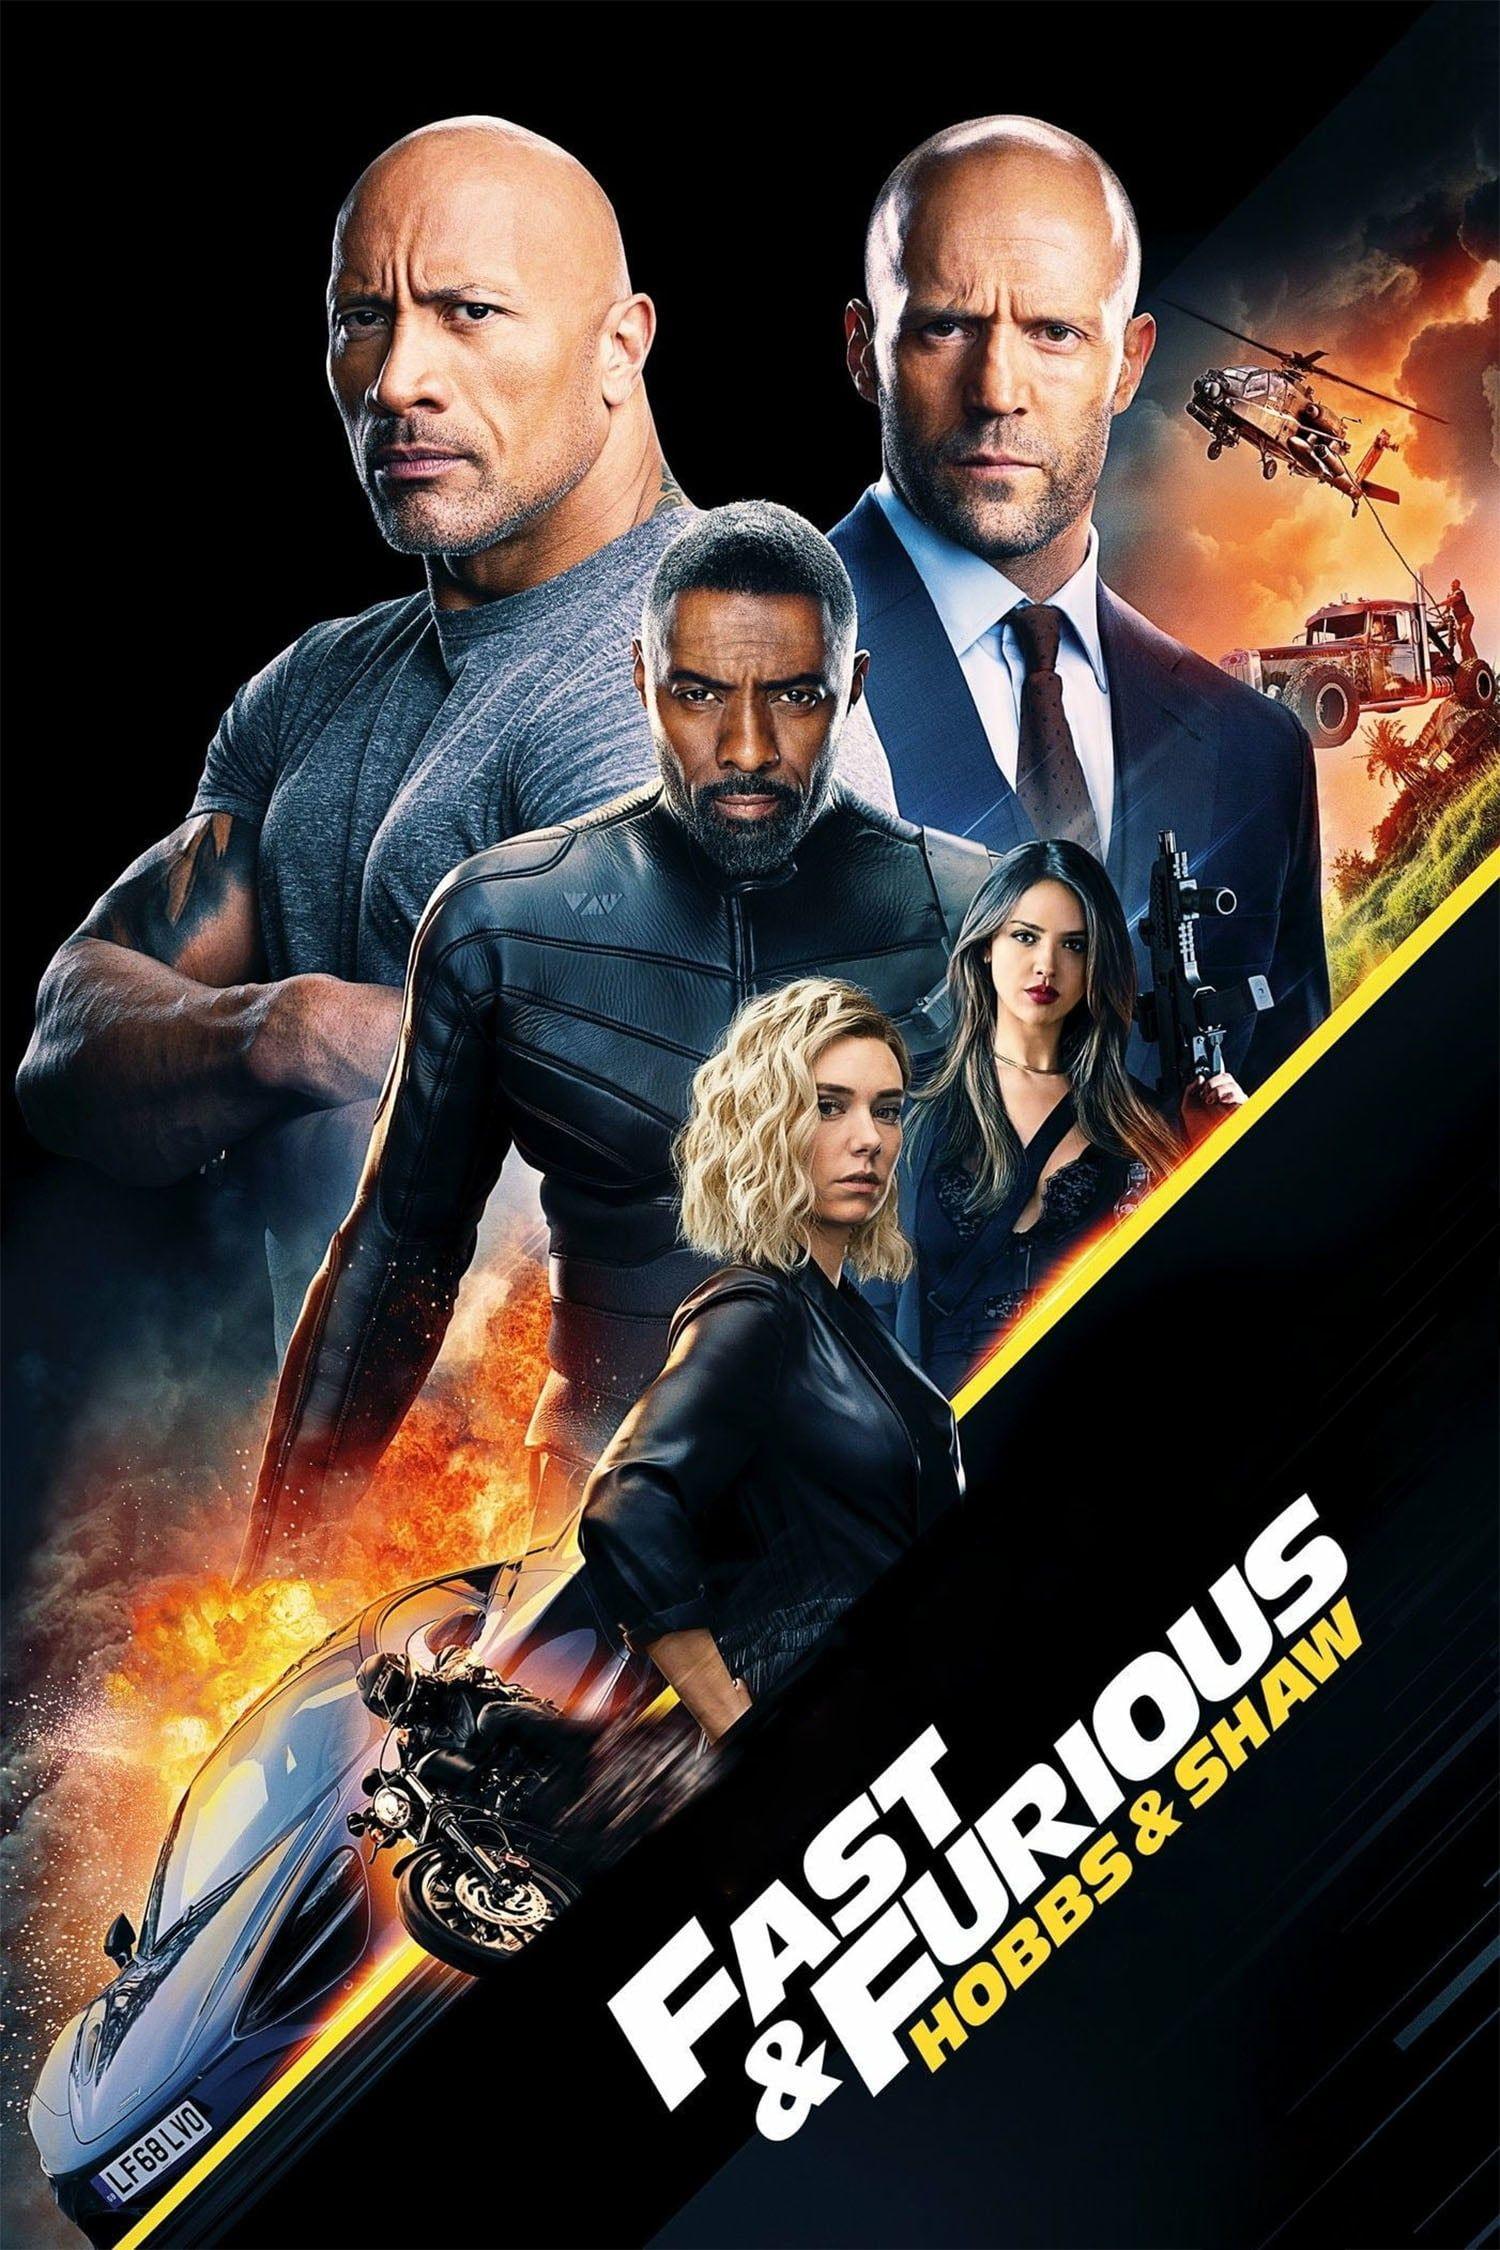 Fast Furious Presents Hobbs Shaw Filme Cmplet Hd Peliculas En Estreno Peliculas En Espanol Peliculas Completas